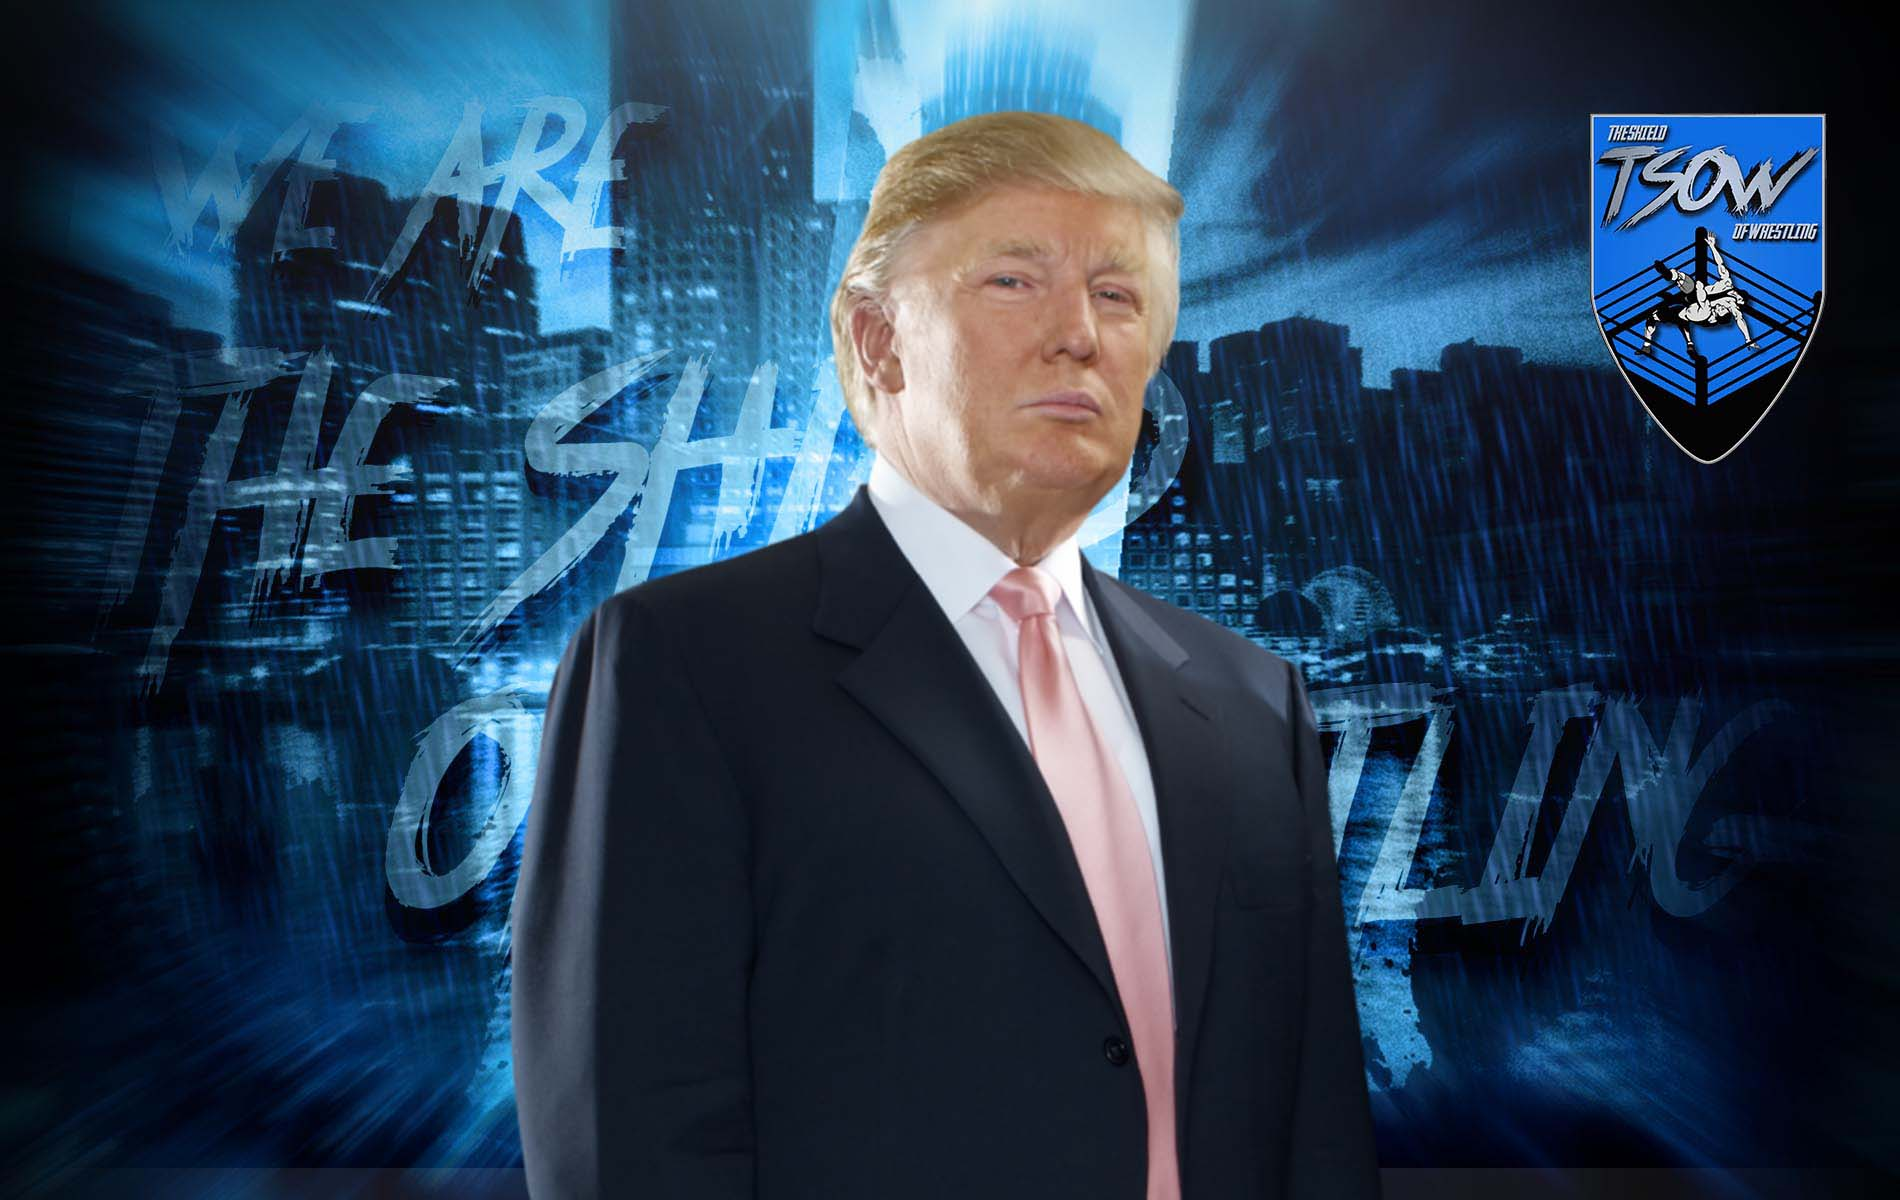 Donald Trump positivo al Covid-19: le reazioni dal mondo del wrestling